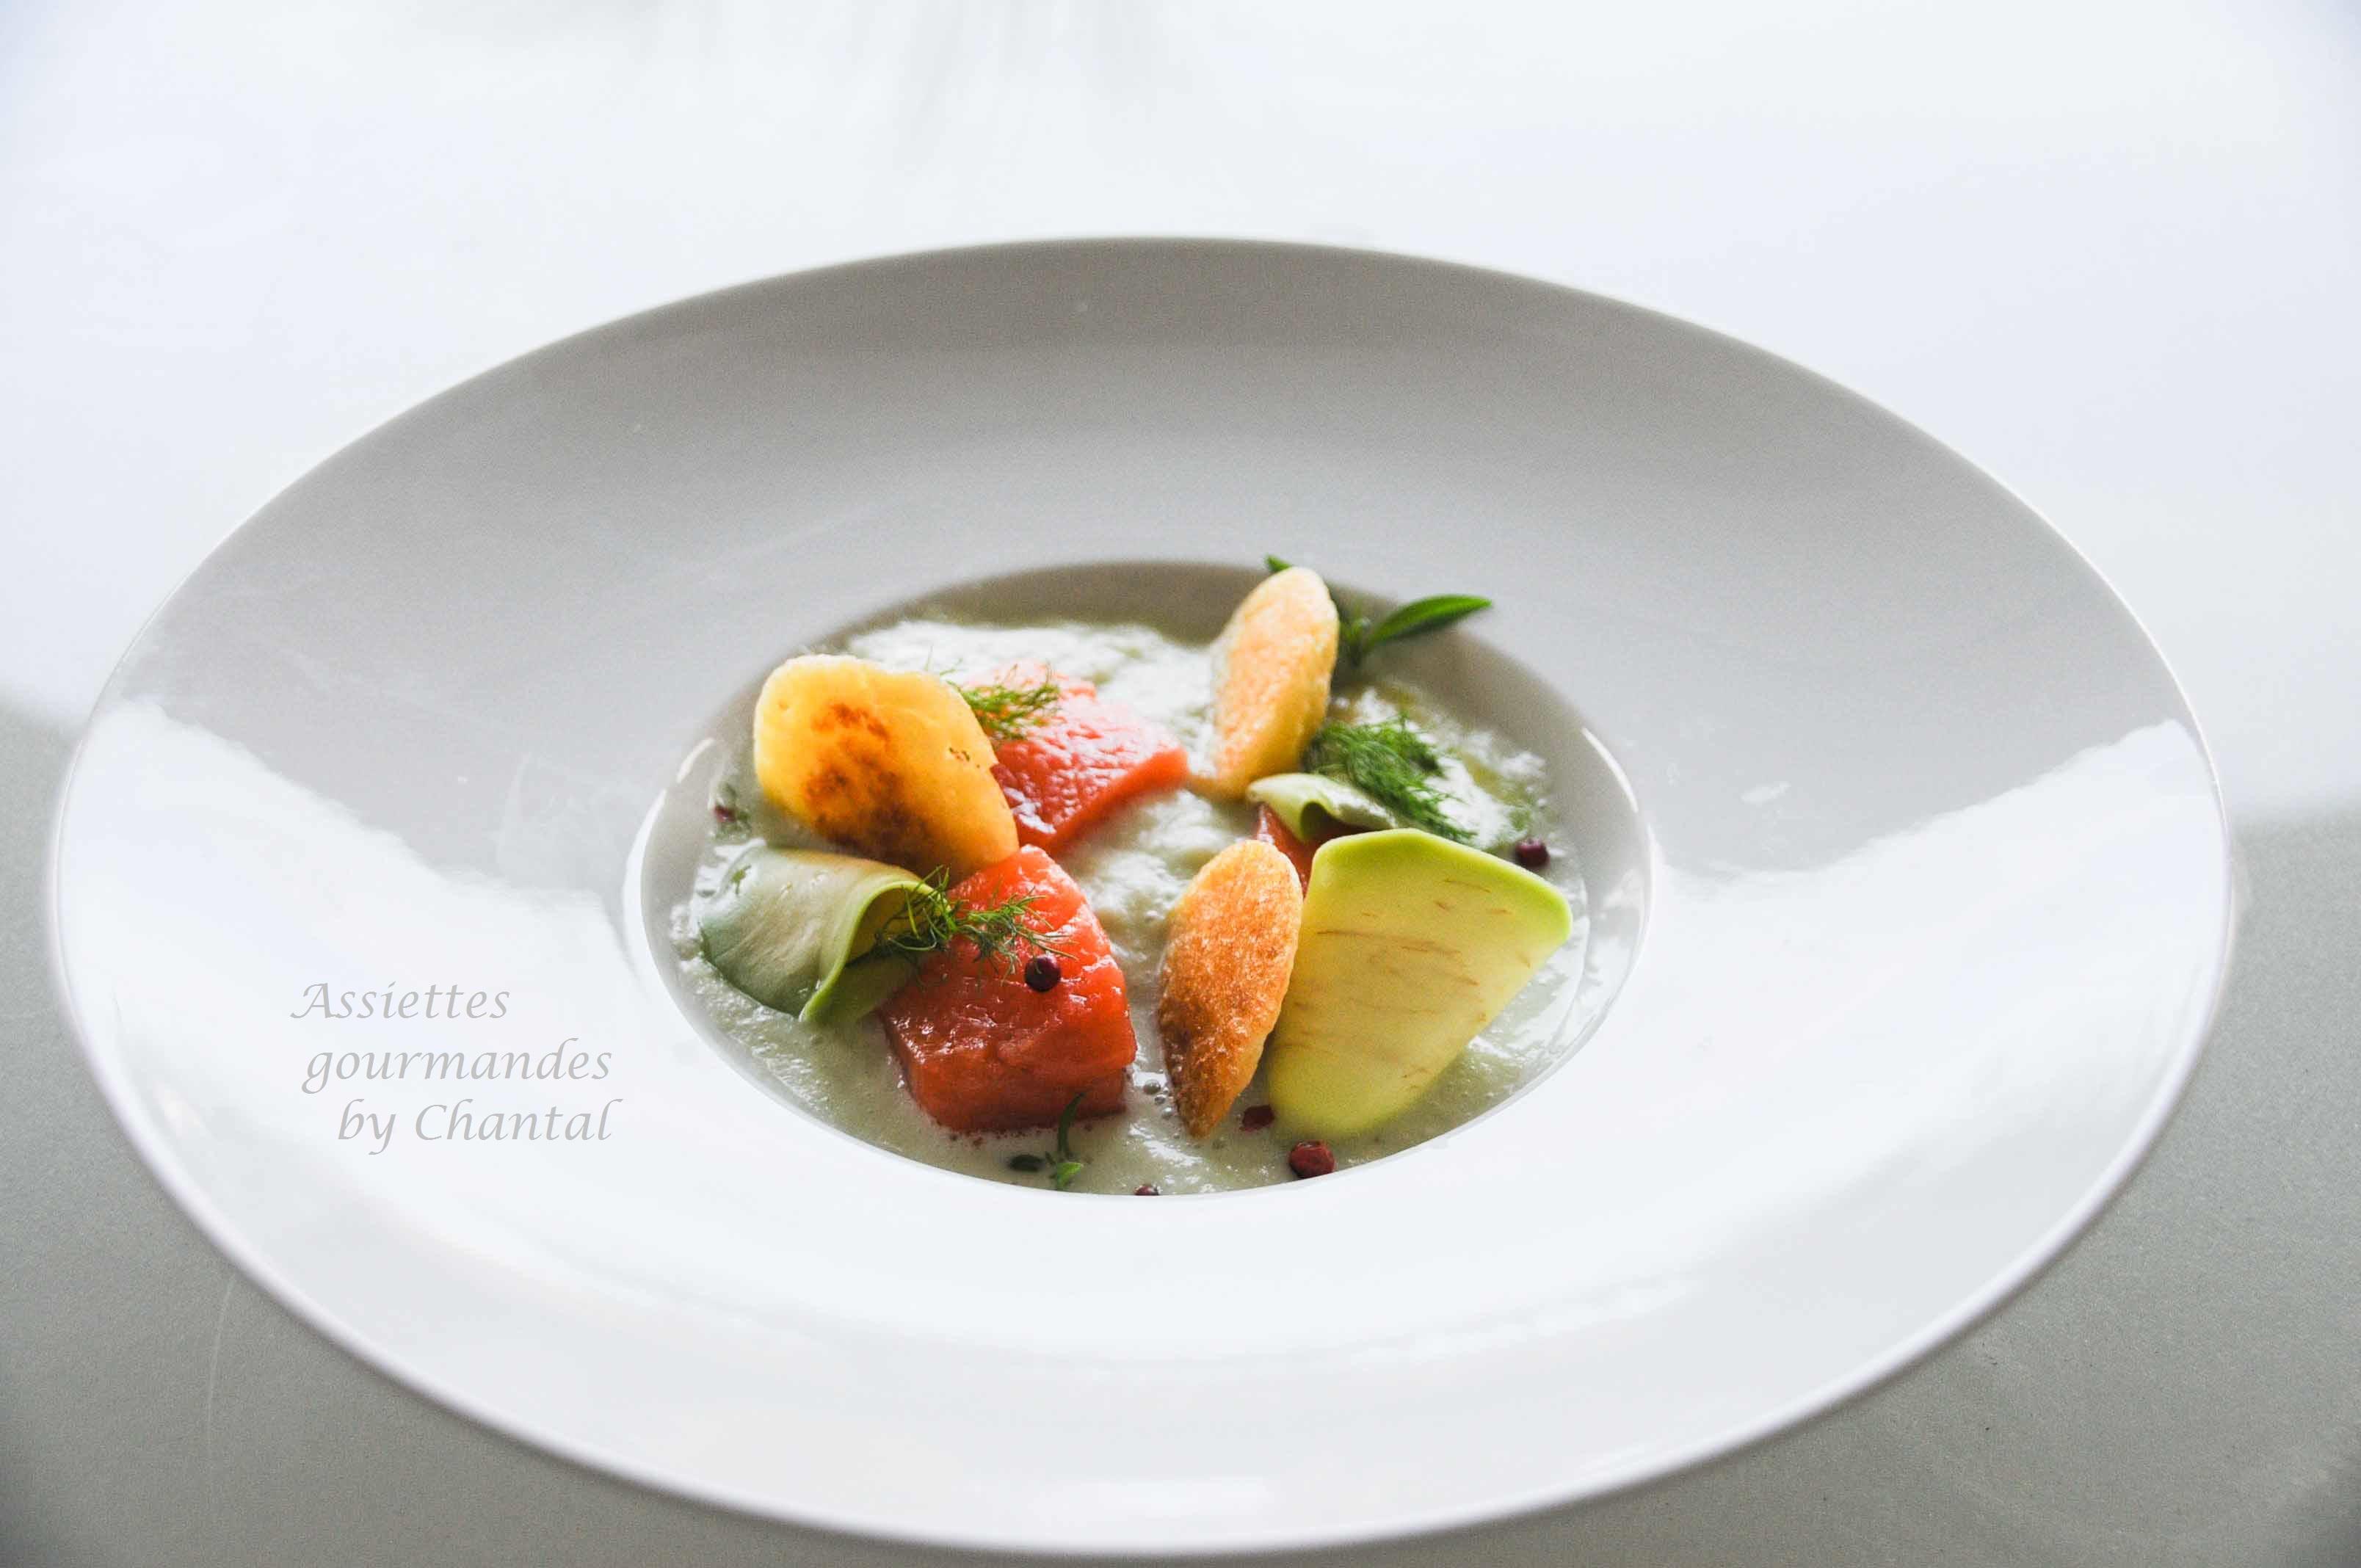 Saumon gravlax, crème de concombre, blinis, une recette de Bernard Bach